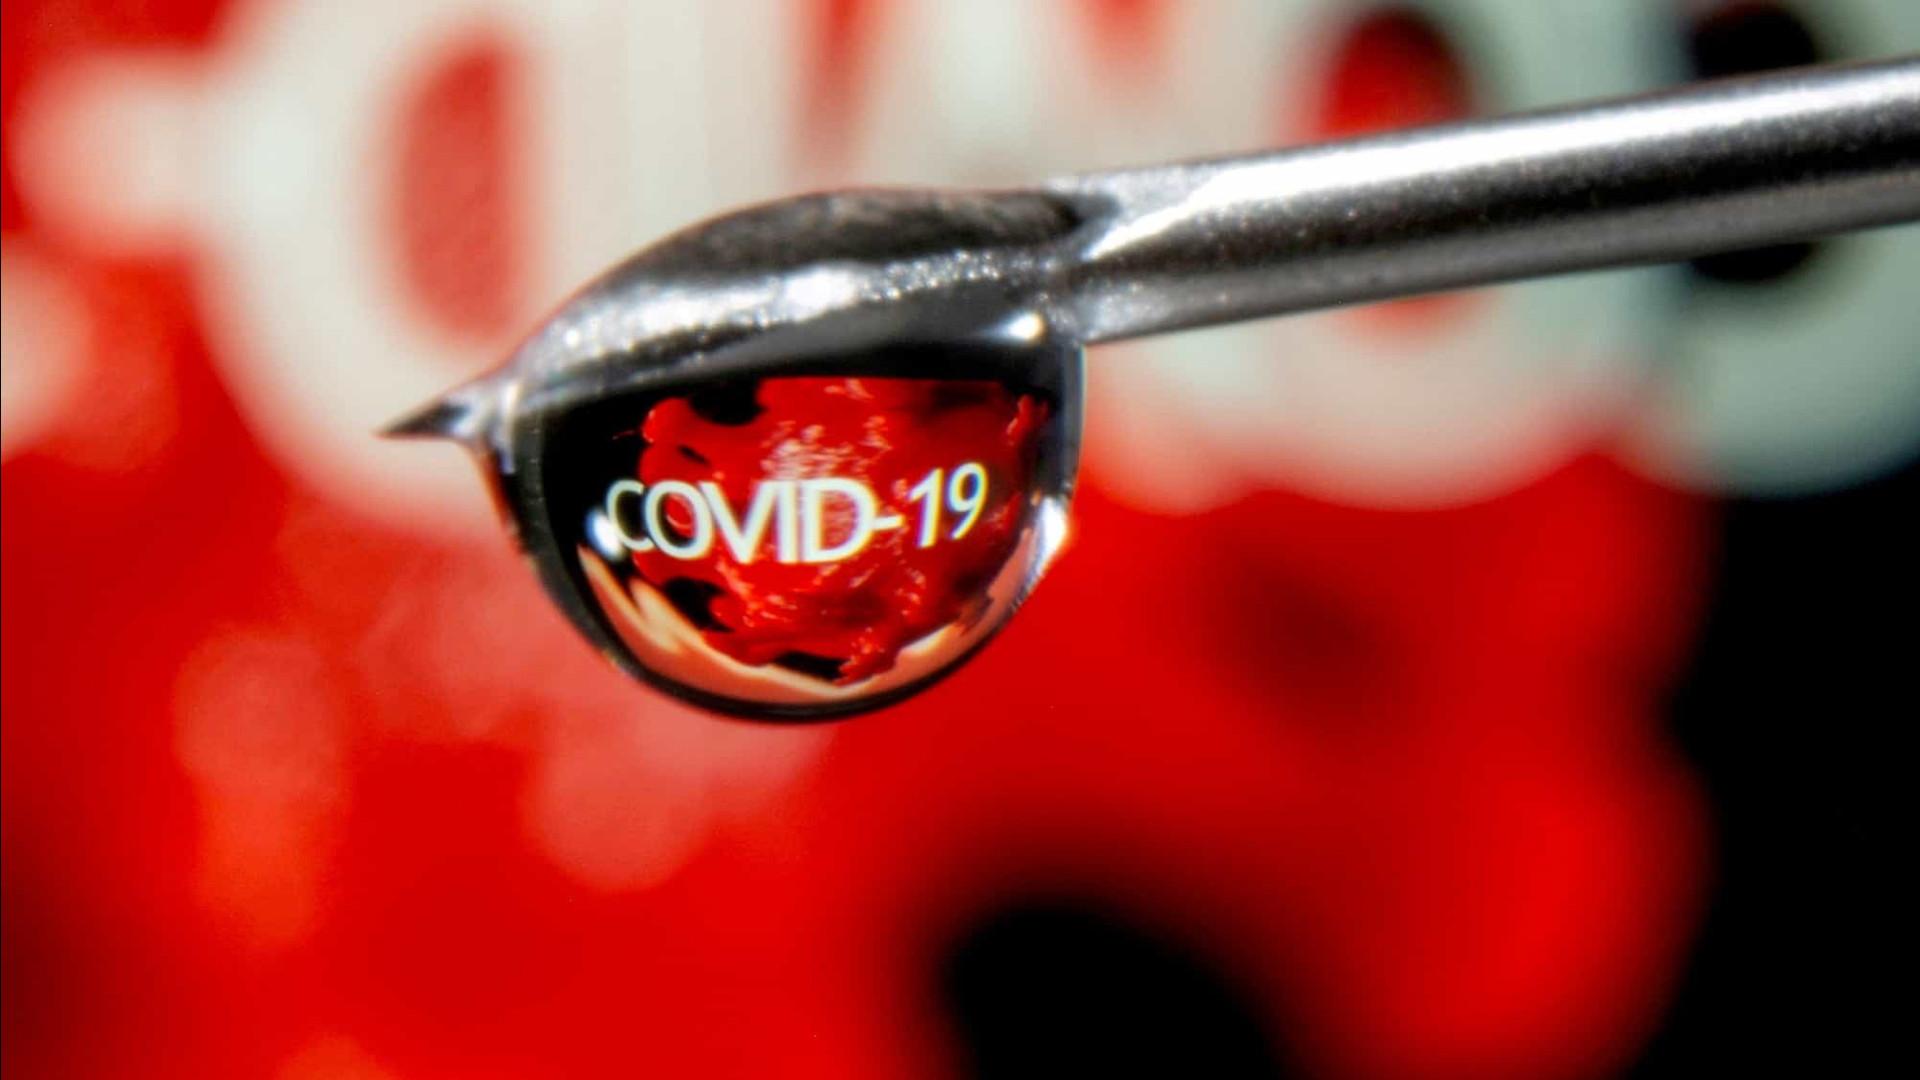 Covid-19. 46% da população em Portugal com 1.ª dose. Lisboa vacinou mais